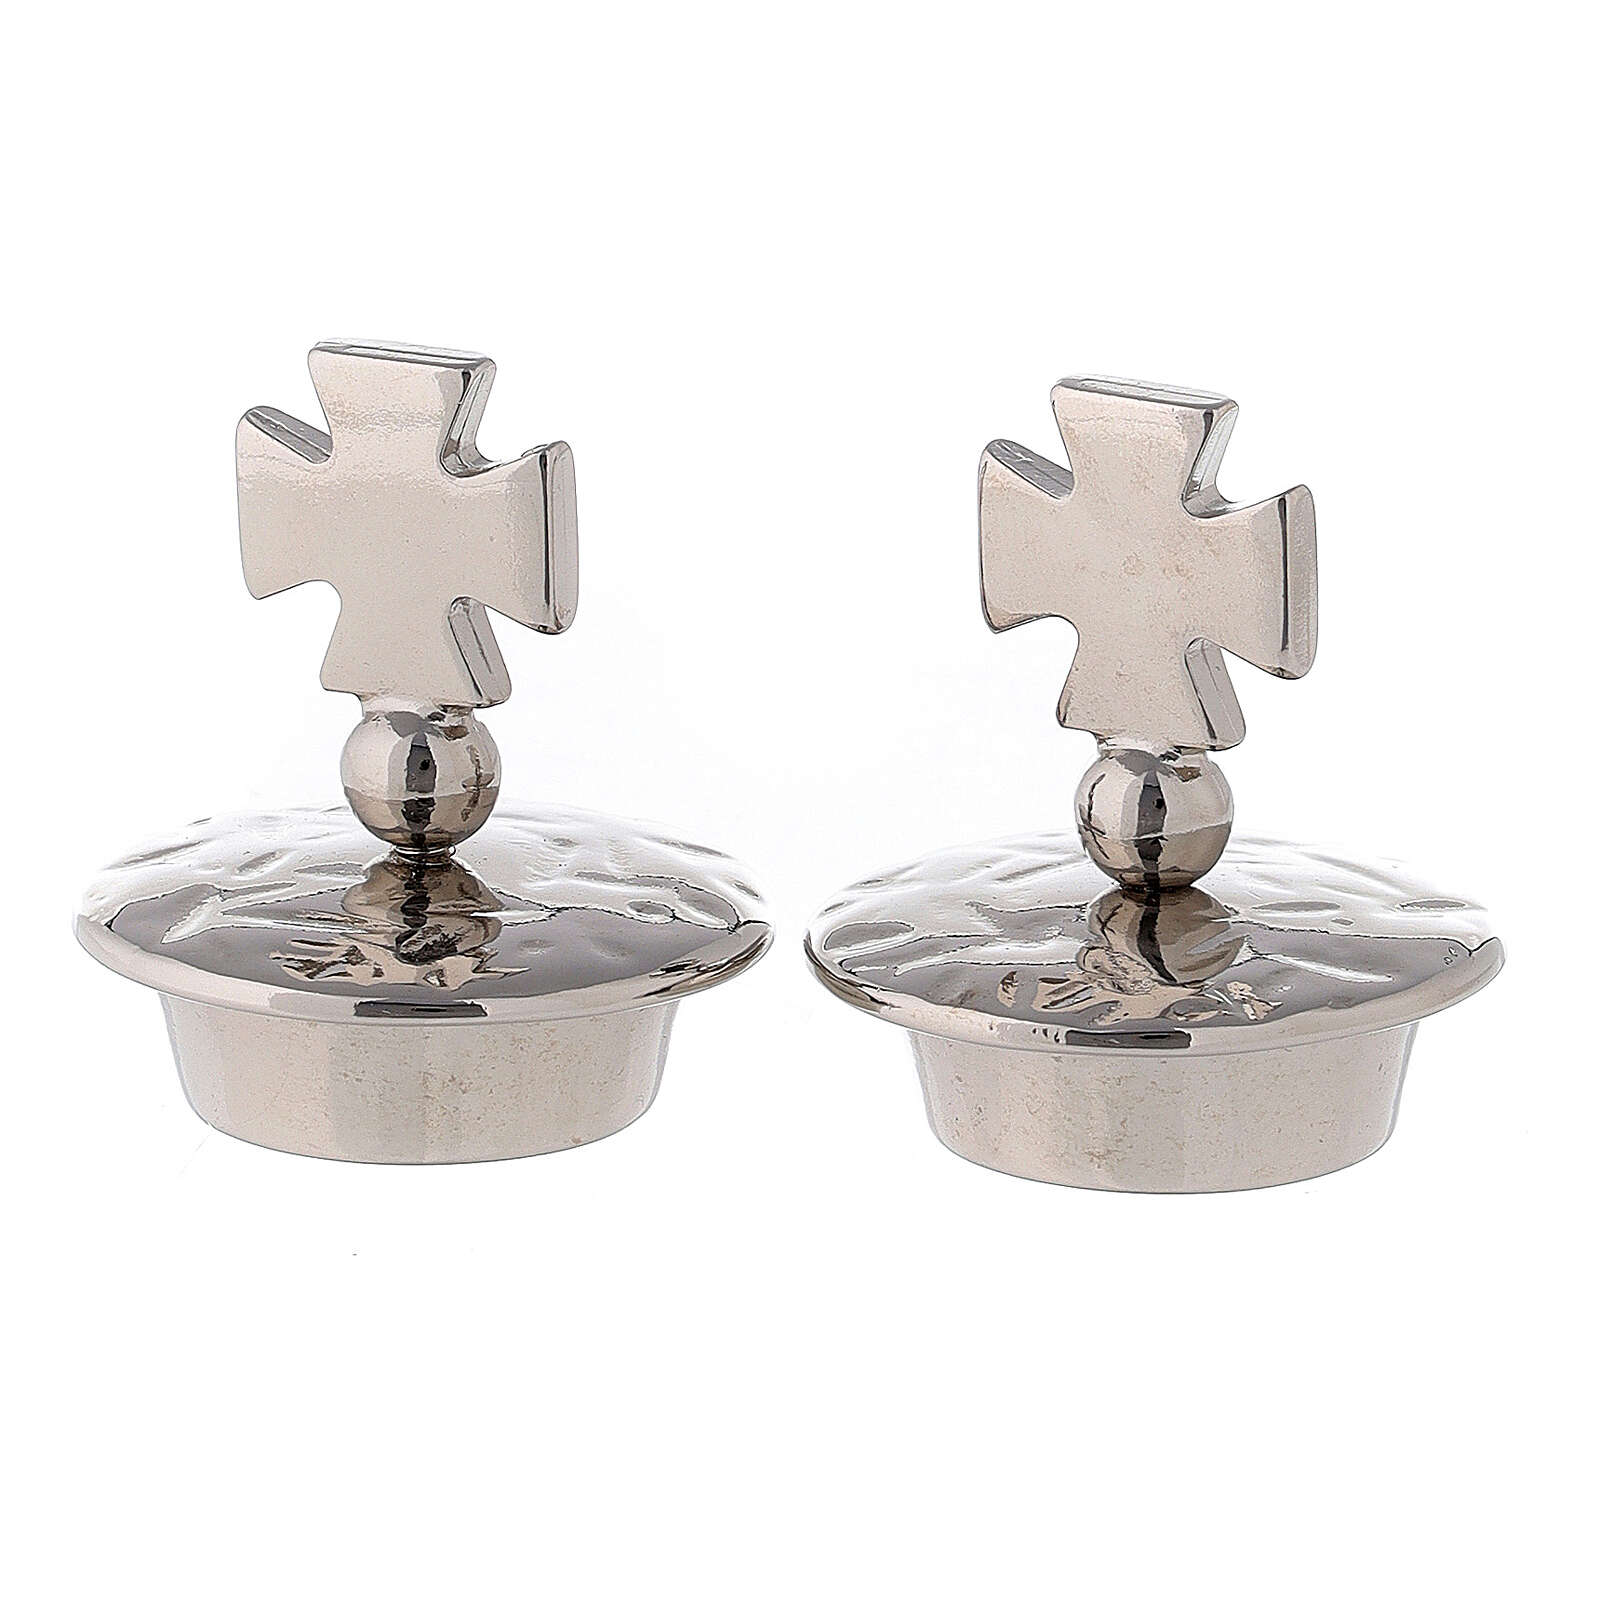 Set of lids for cruets Venise-Rome Maltese cross 4